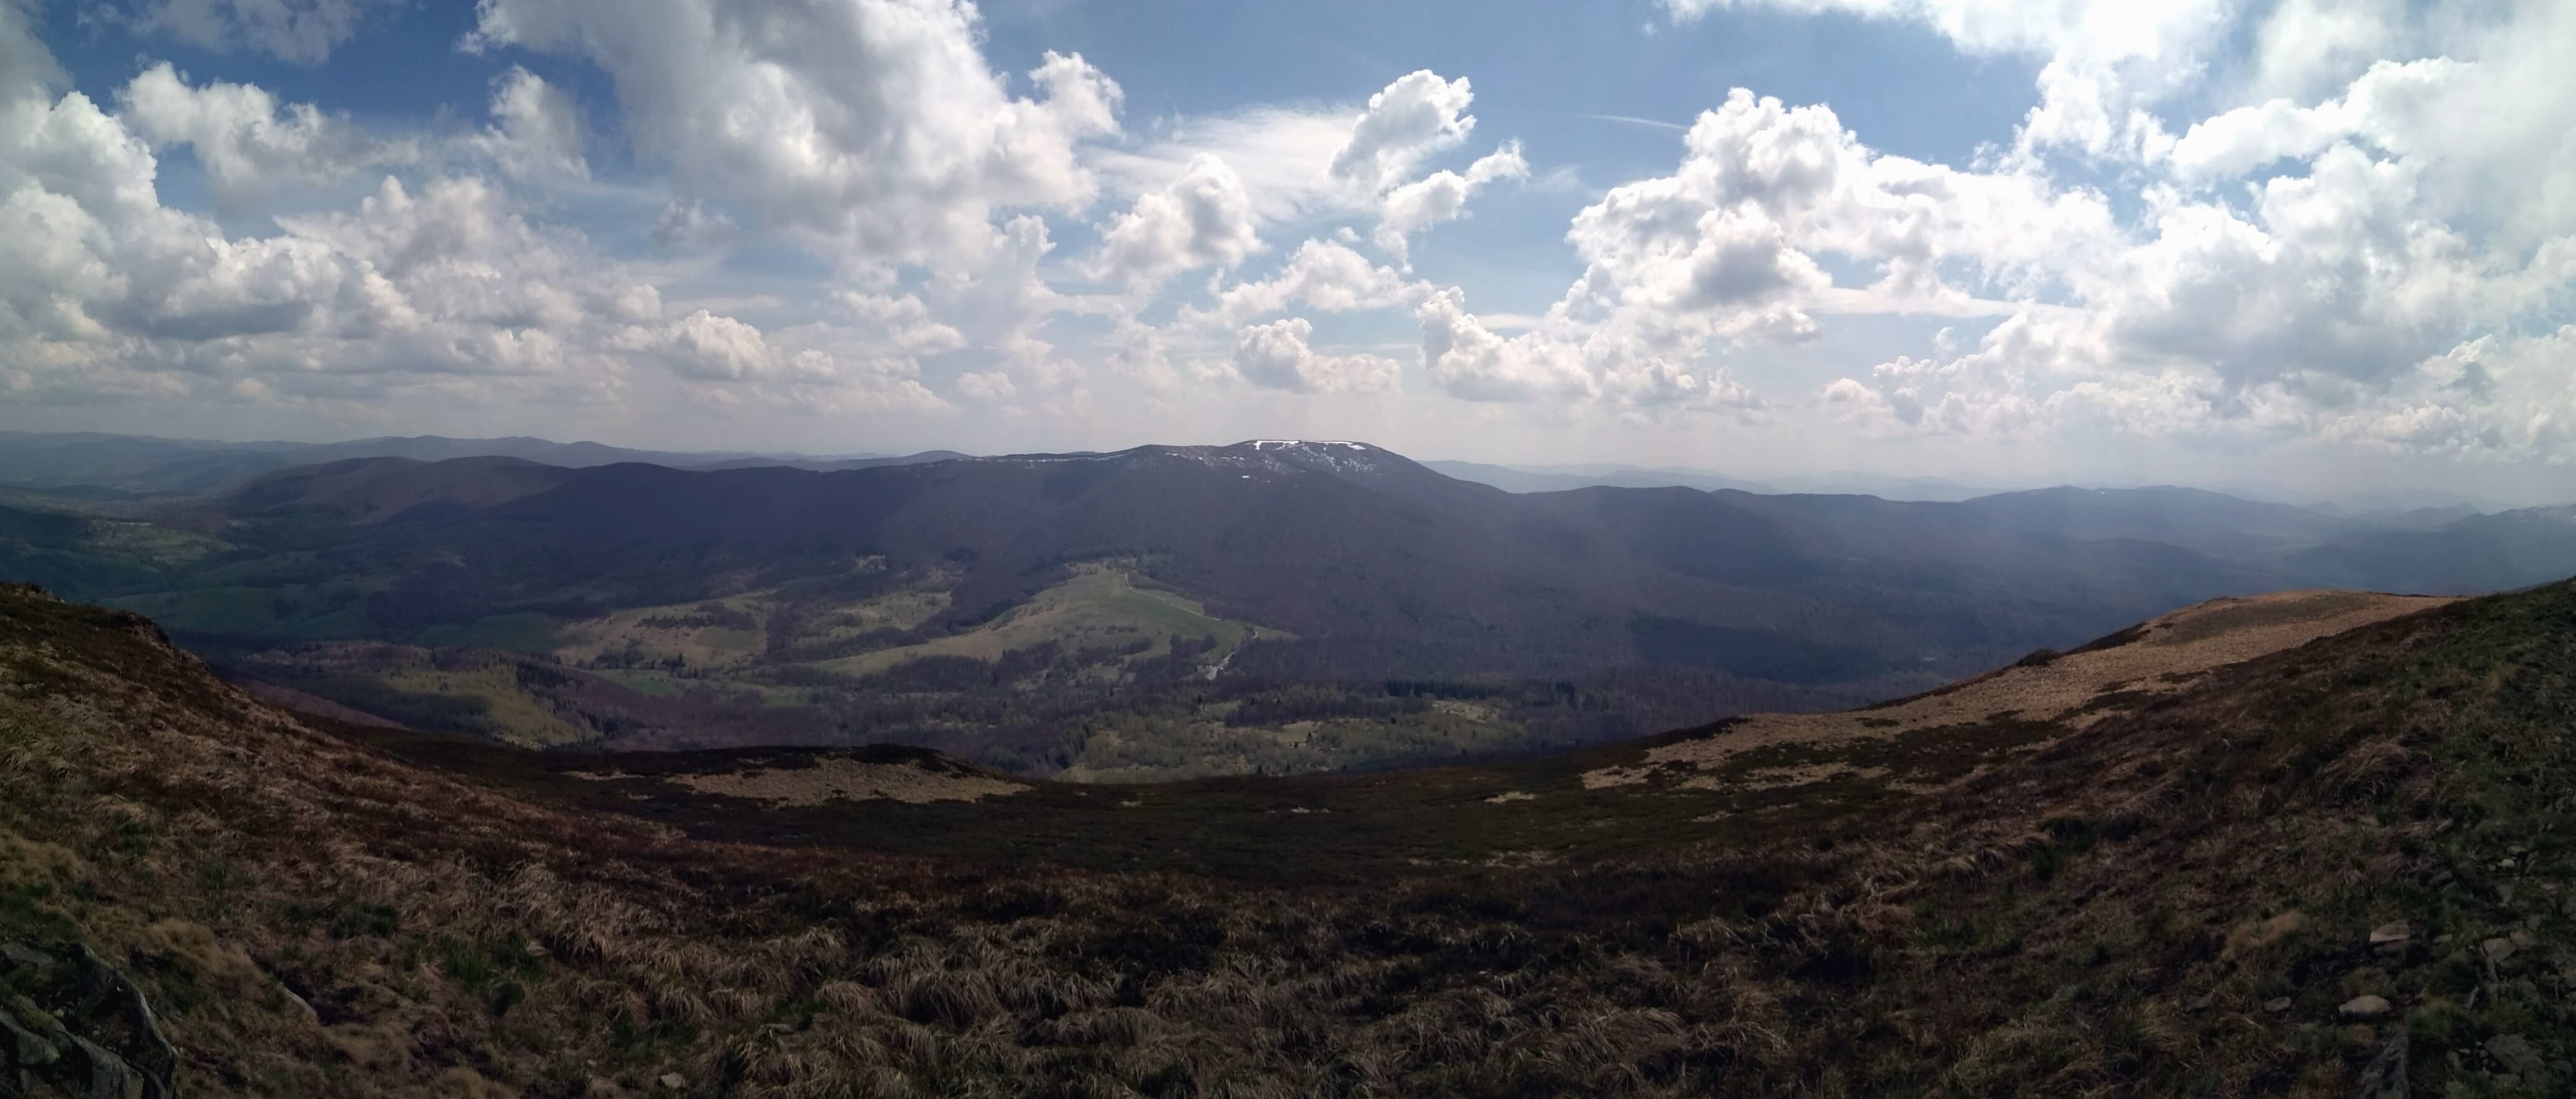 Imagen gratis Montaas cielo nubes valle naturaleza